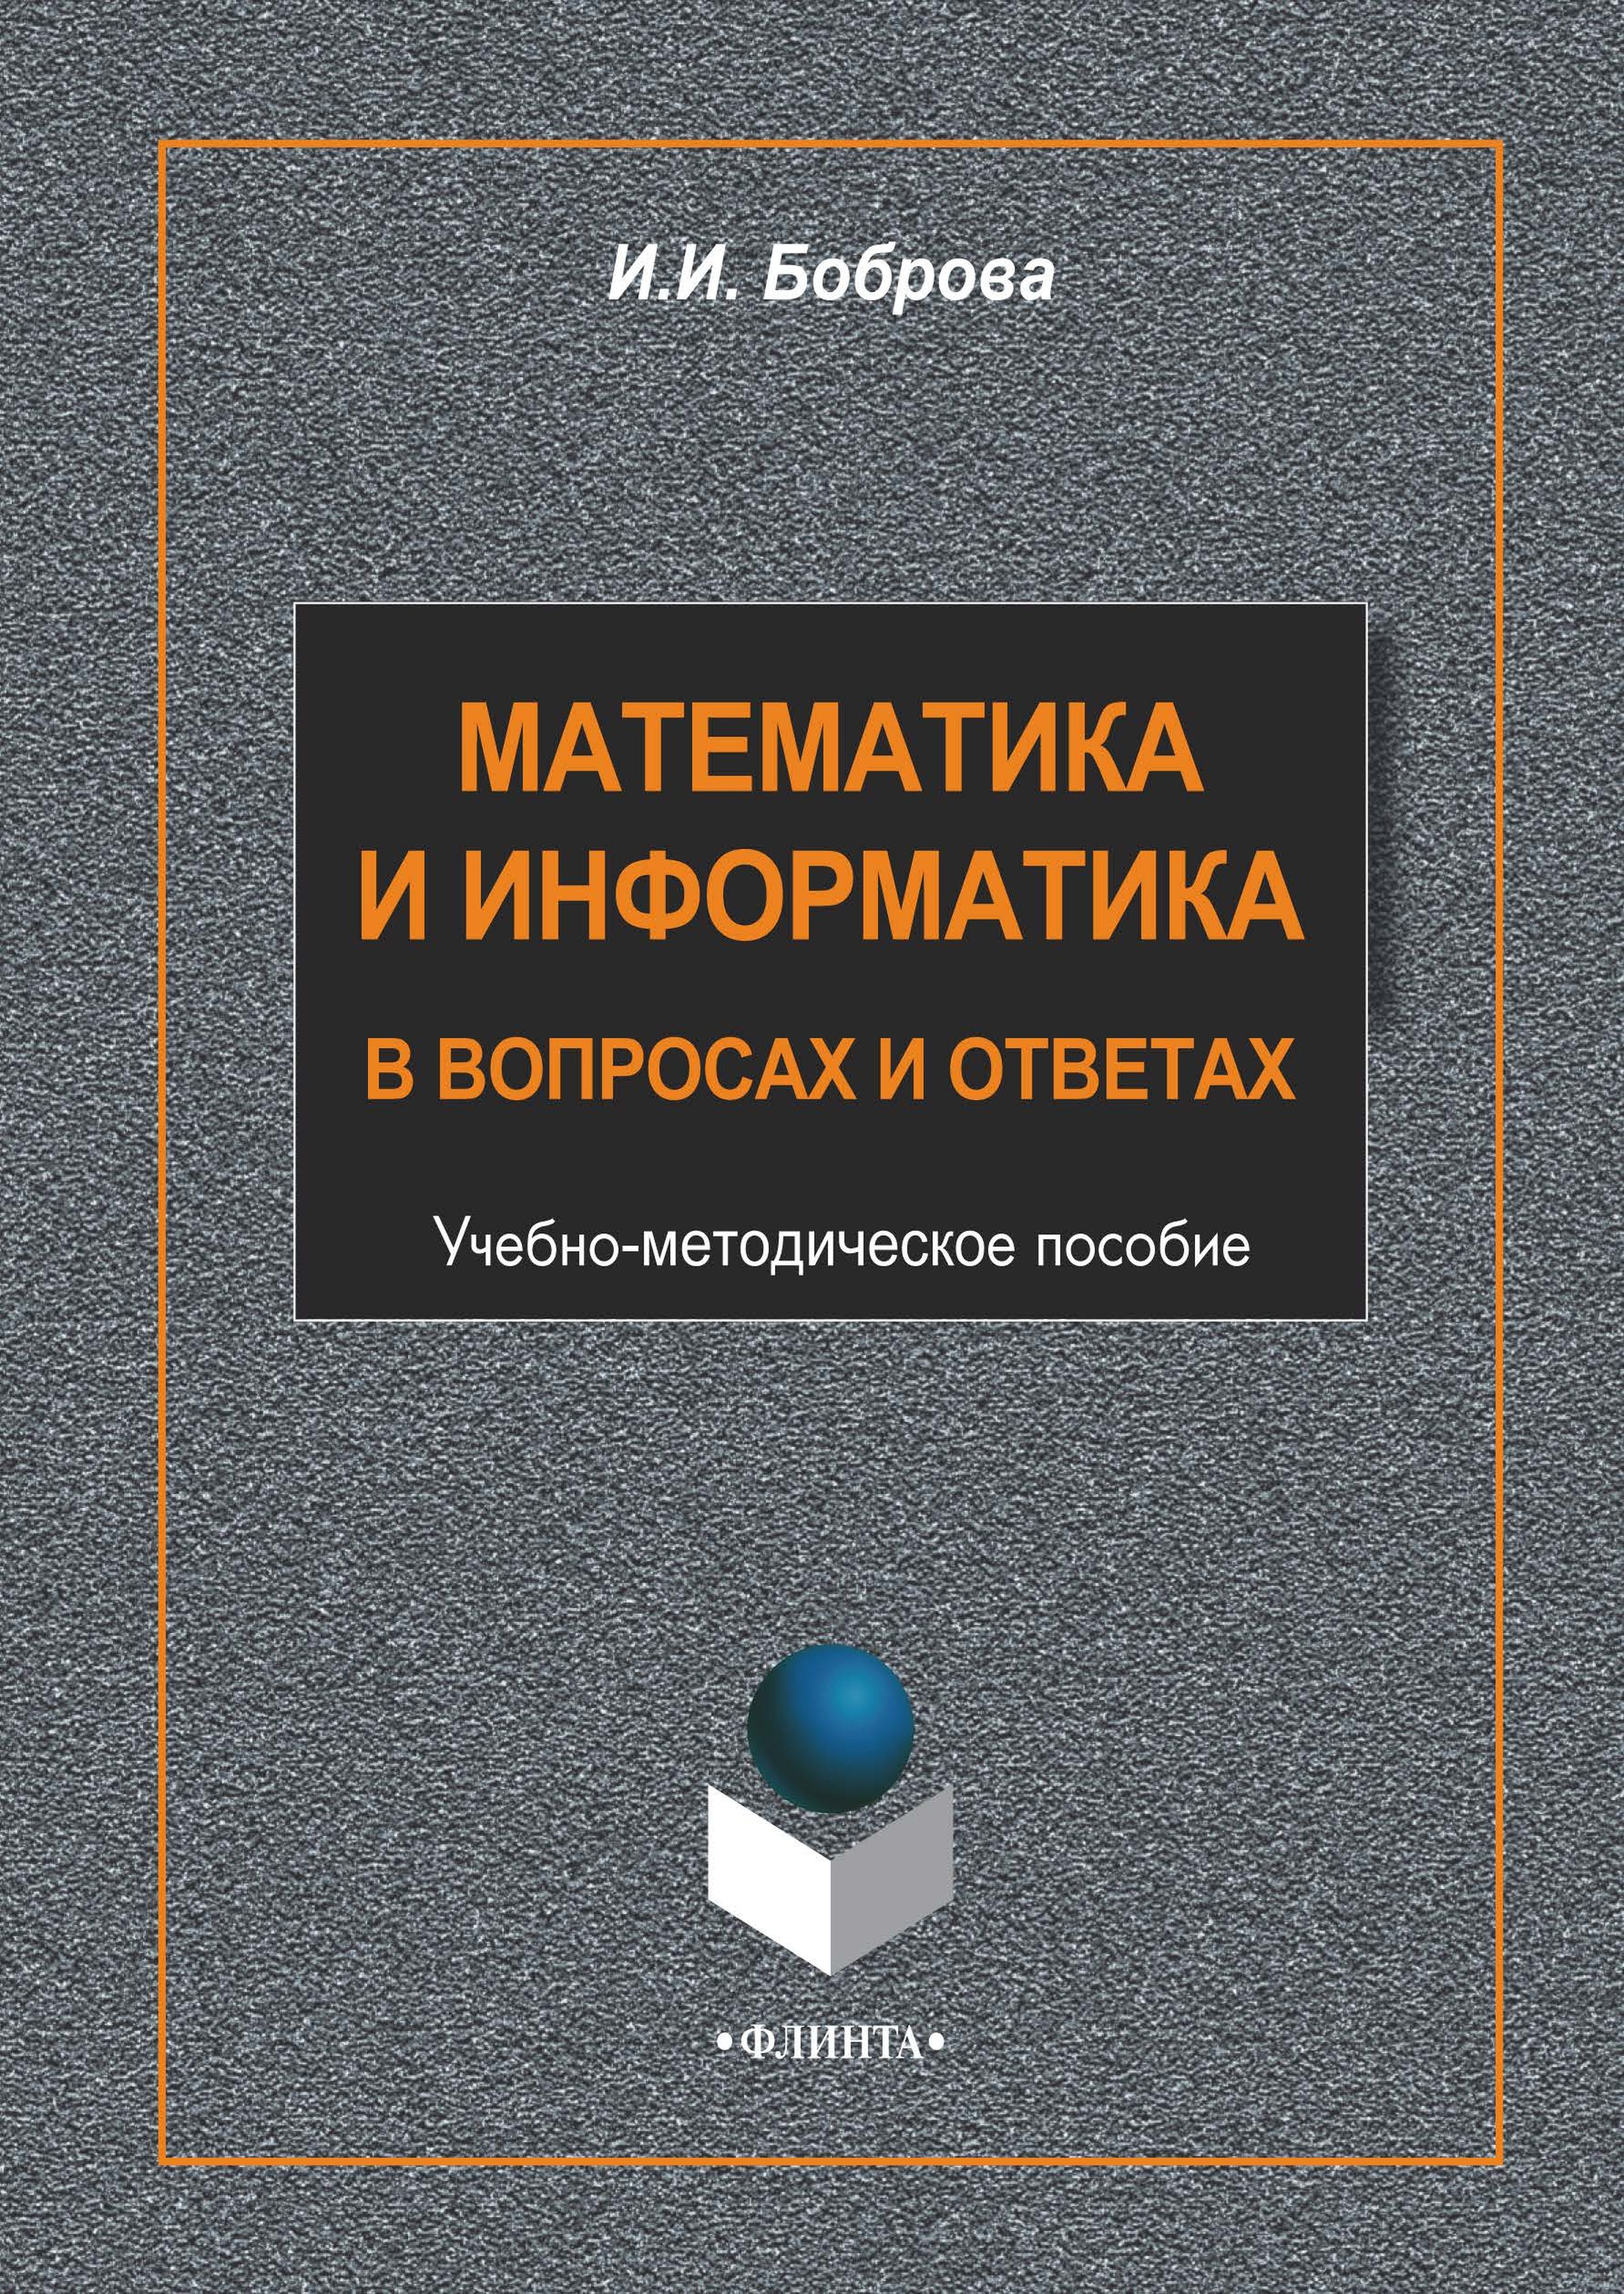 И. И. Боброва Математика и информатика в задачах и ответах в т лисичкин и л соловейчик математика в задачах с решениями